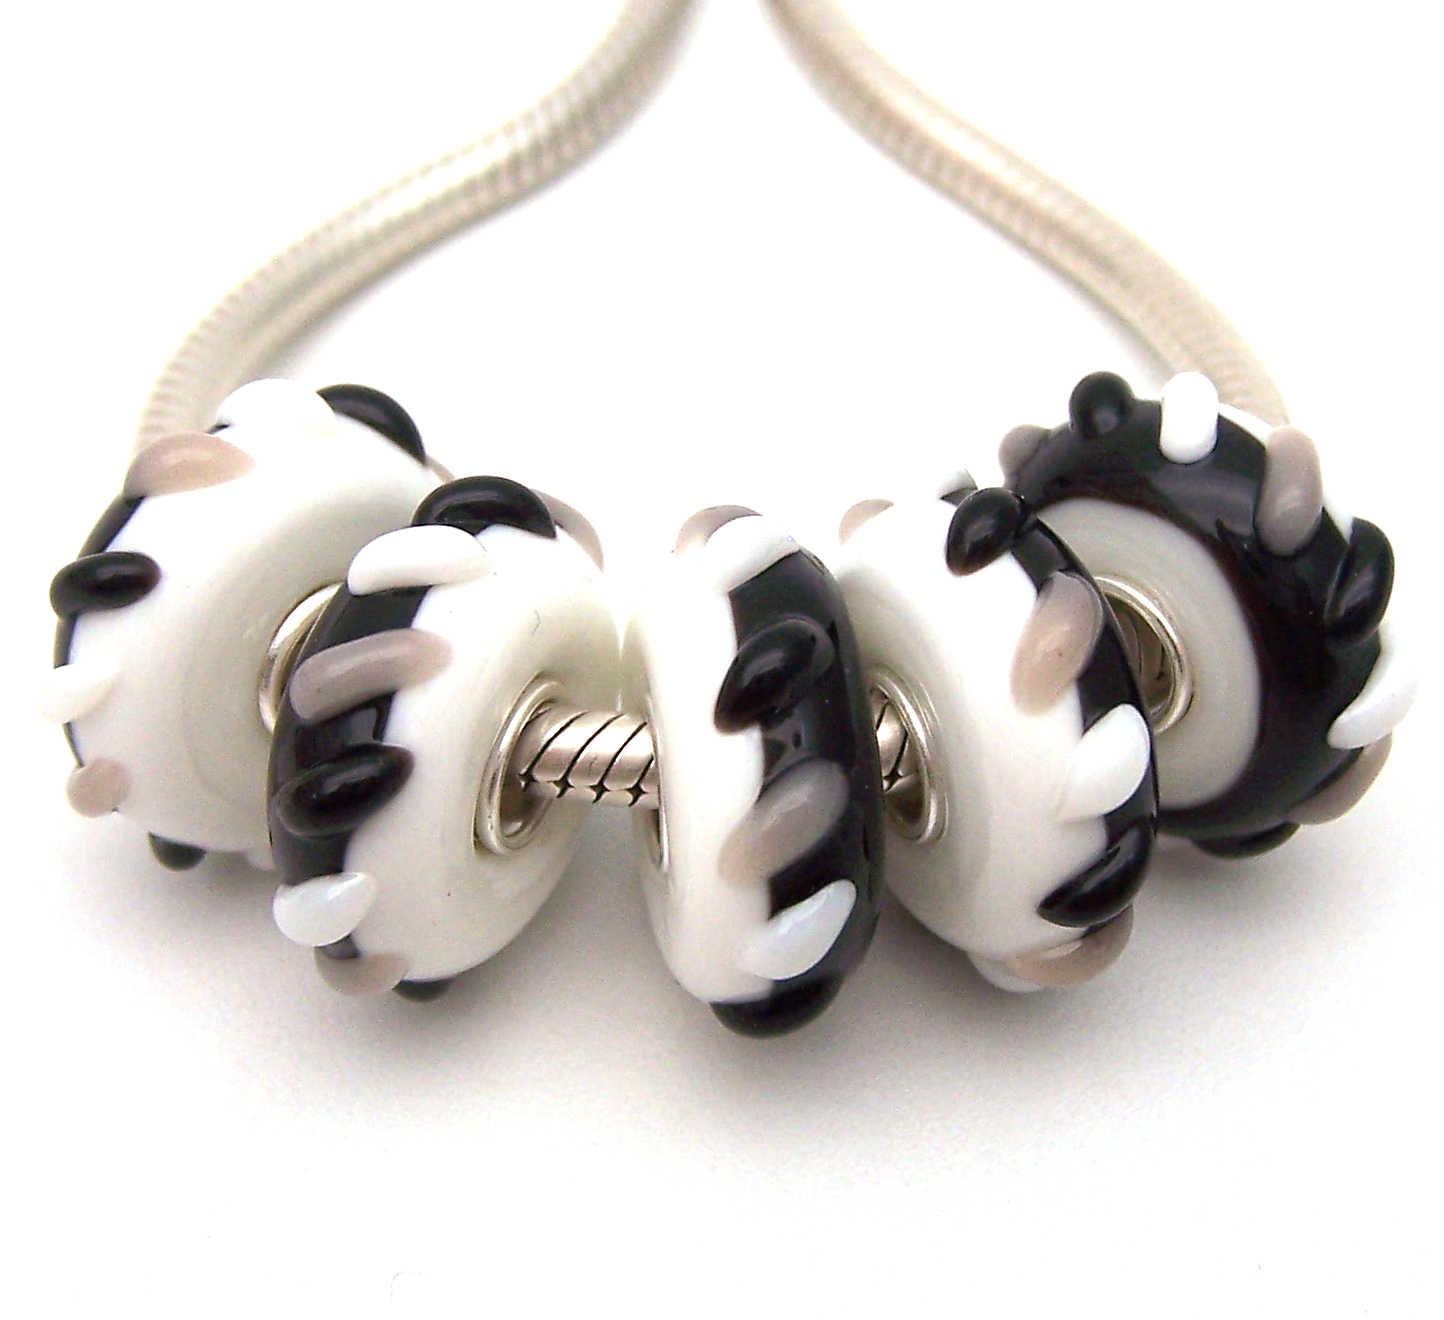 JGWGT 2227 5X 100% Autenticità S925 Sterling Silver Perle di Murano perle di Vetro Europeo Adatto Pendenti E Ciondoli Braccialetto di diy dei monili di Lampwork